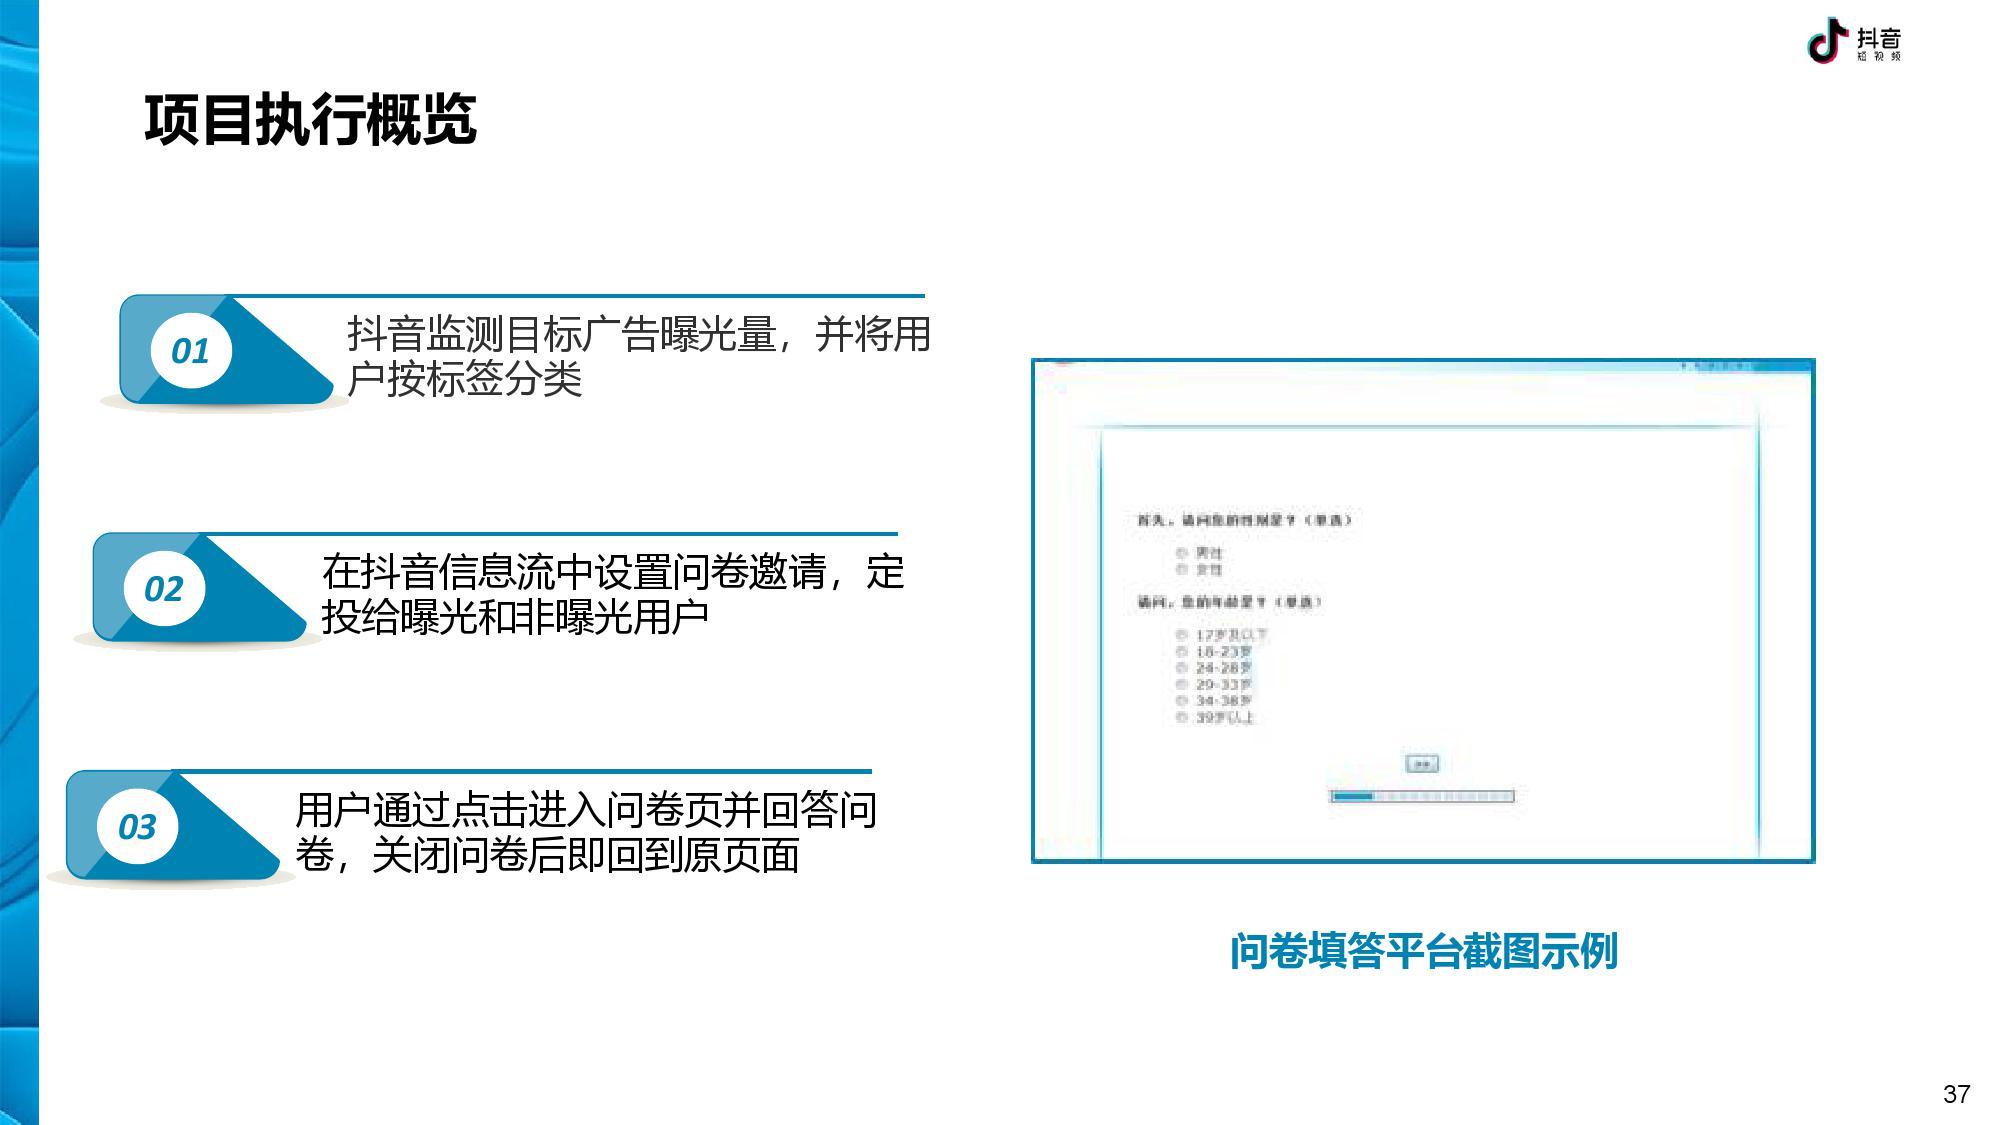 抖音 DTV 广告营销价值白皮书-CNMOAD 中文移动营销资讯 37